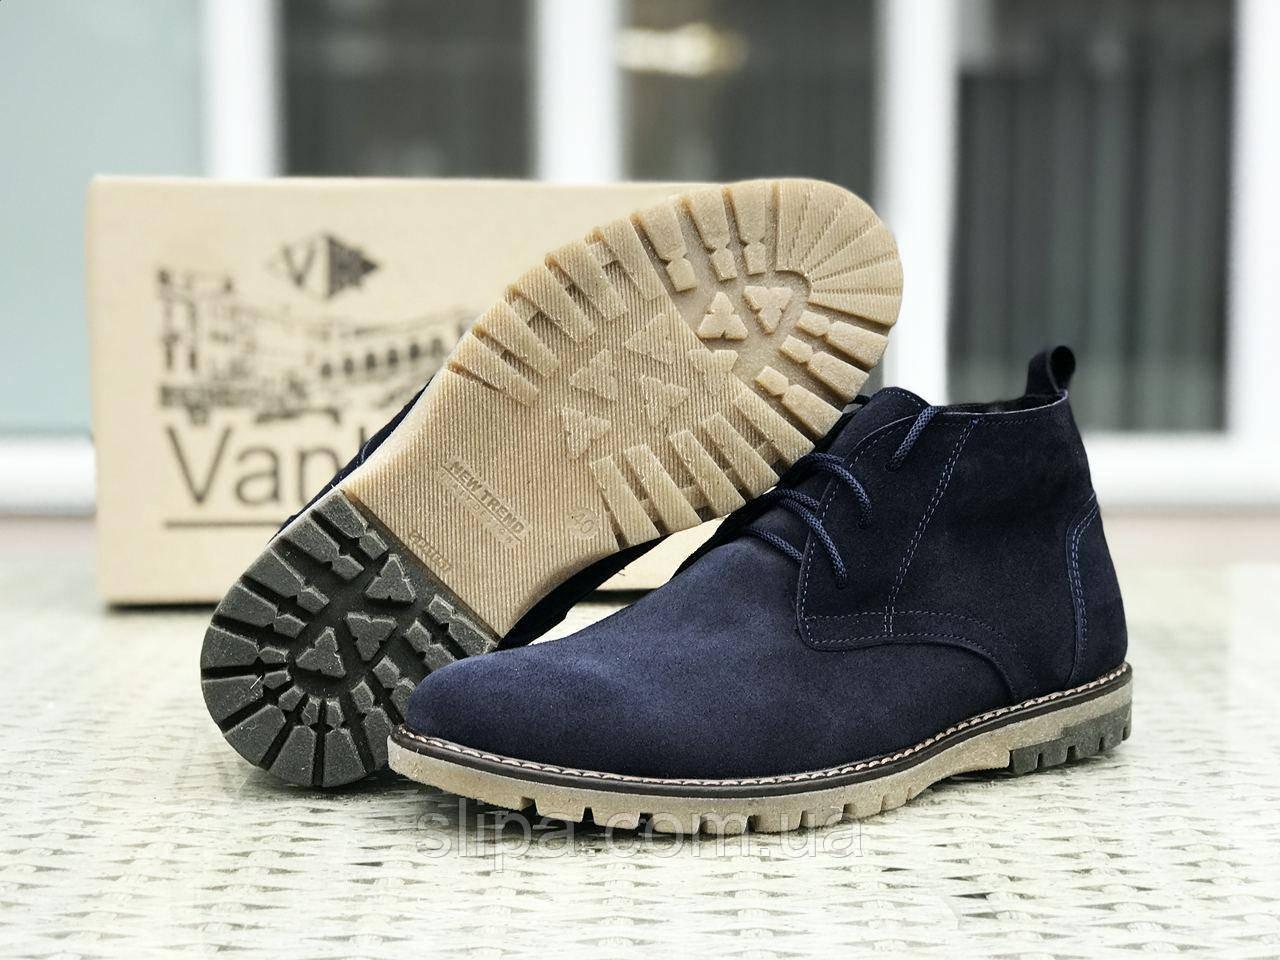 Чоловічі замшеві туфлі Vankristi темно сині